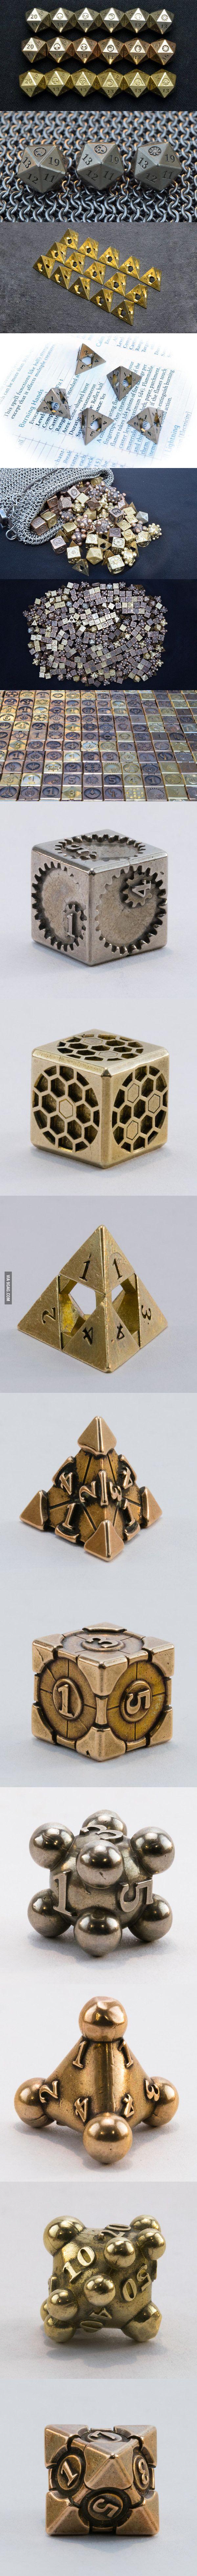 Cool metal gaming dice!